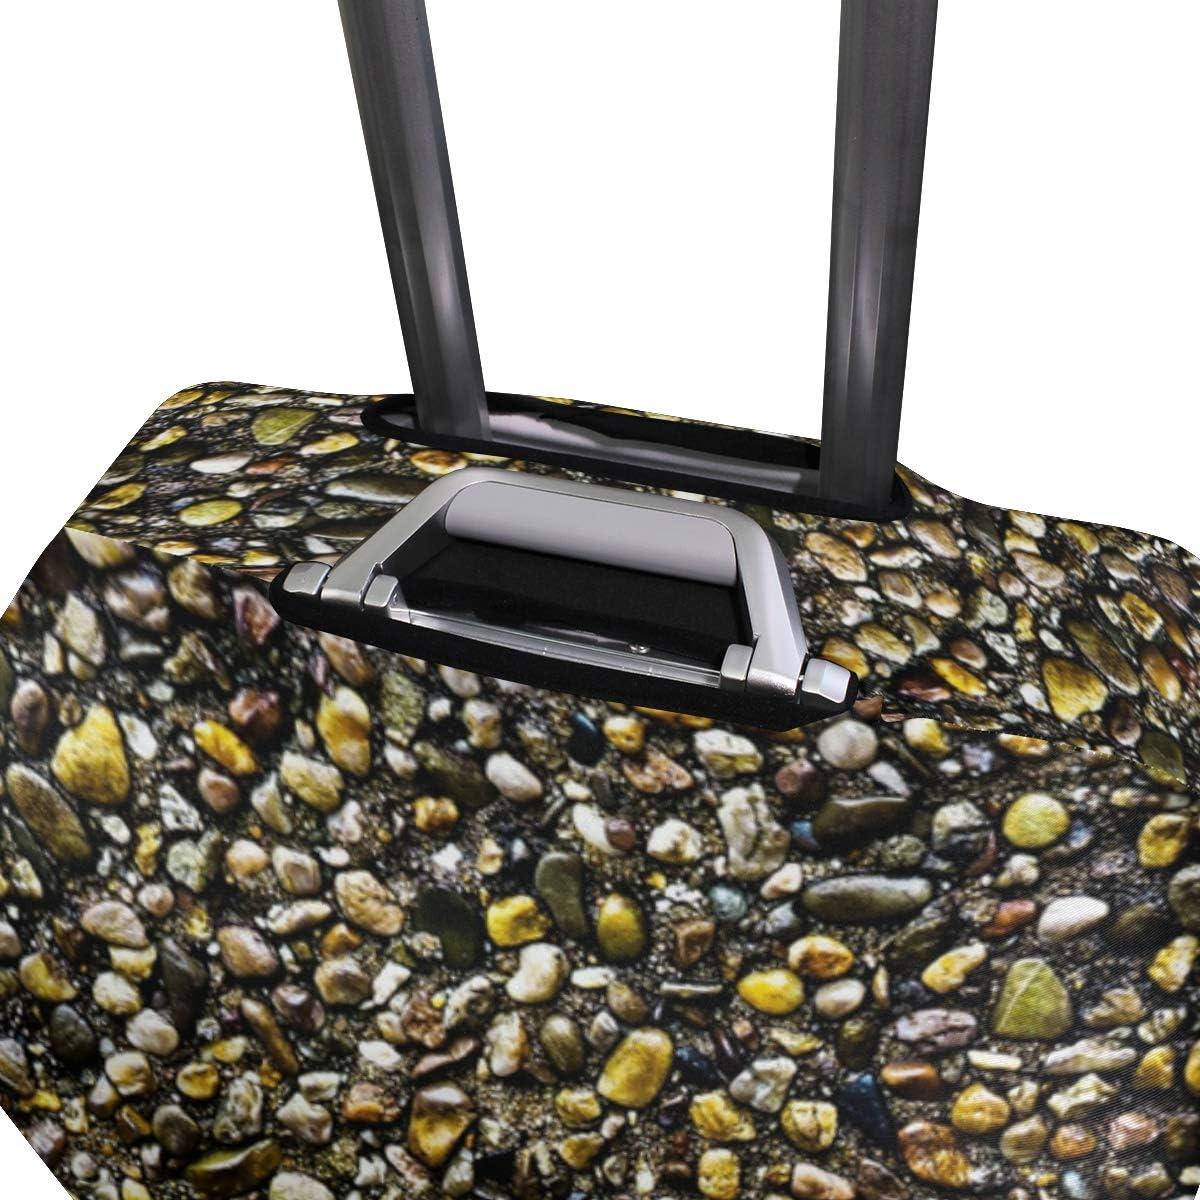 FANTAZIO Sea Beach Stones Suitcase Protective Cover Luggage Cover